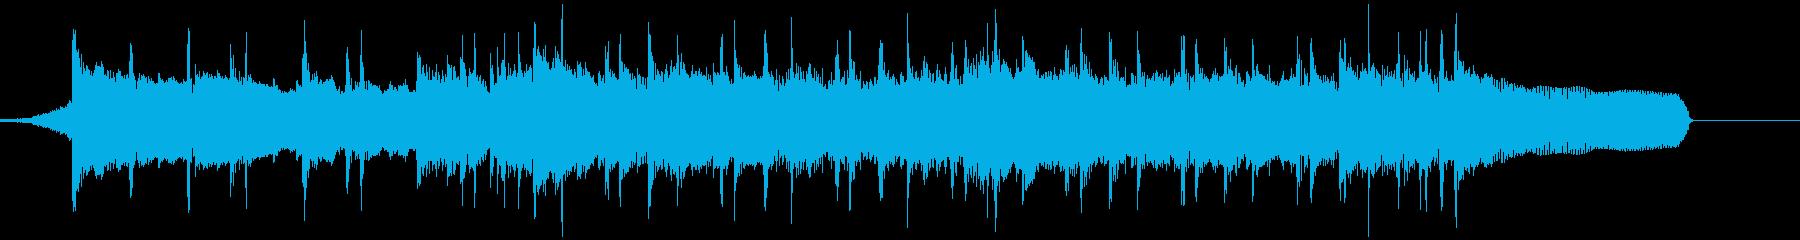 企業VP 前向き ポジティブ 30秒の再生済みの波形